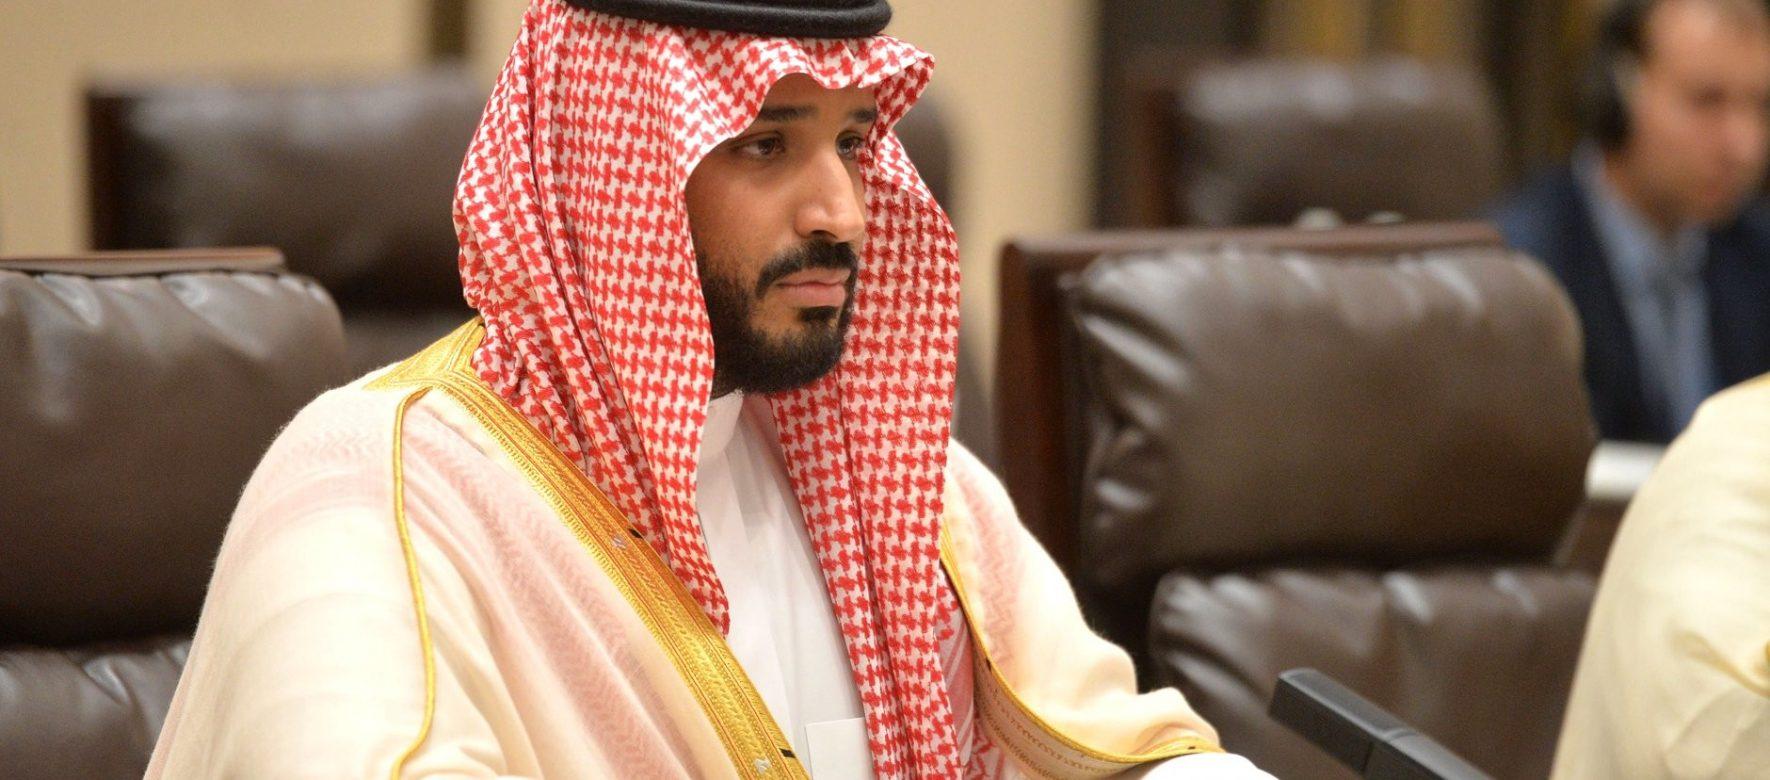 Nomination d'un nouvel héritier pour diriger l'Arabie Saoudite, quel impact pour le Proche-Orient ?